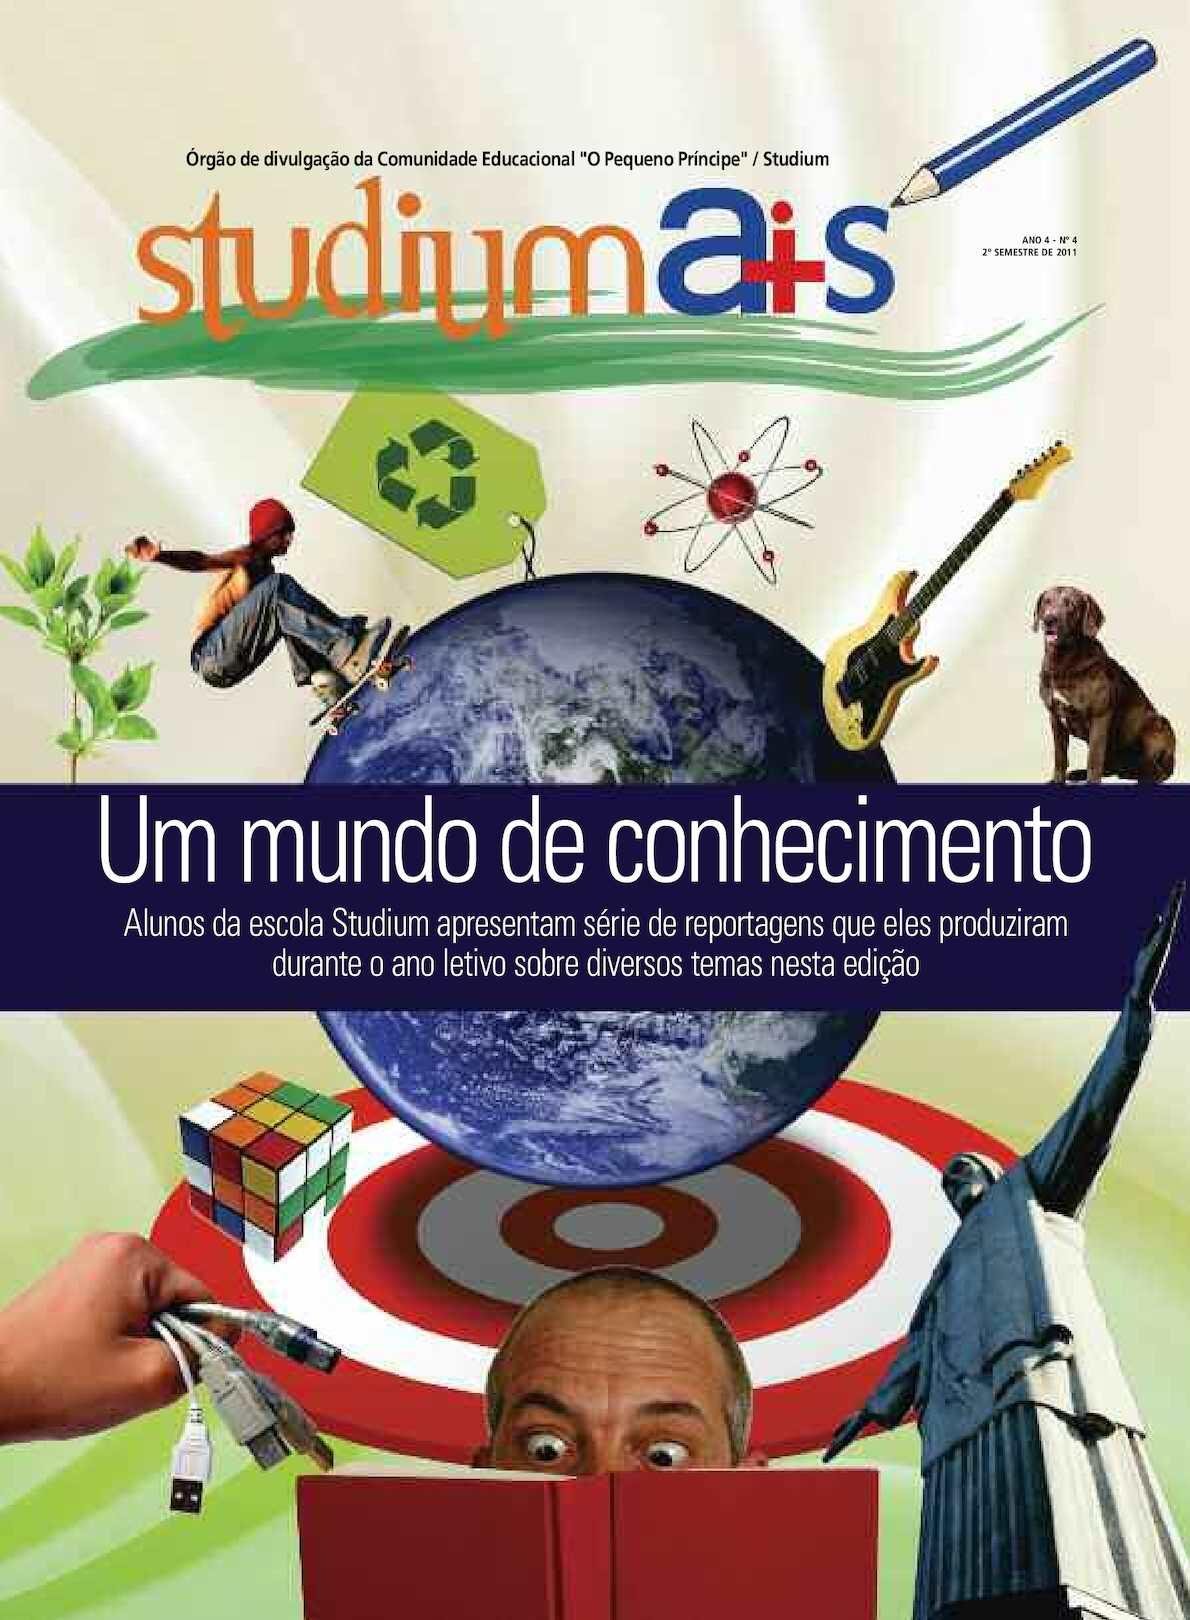 Calaméo - Studium Mais 2011 649084a598d95